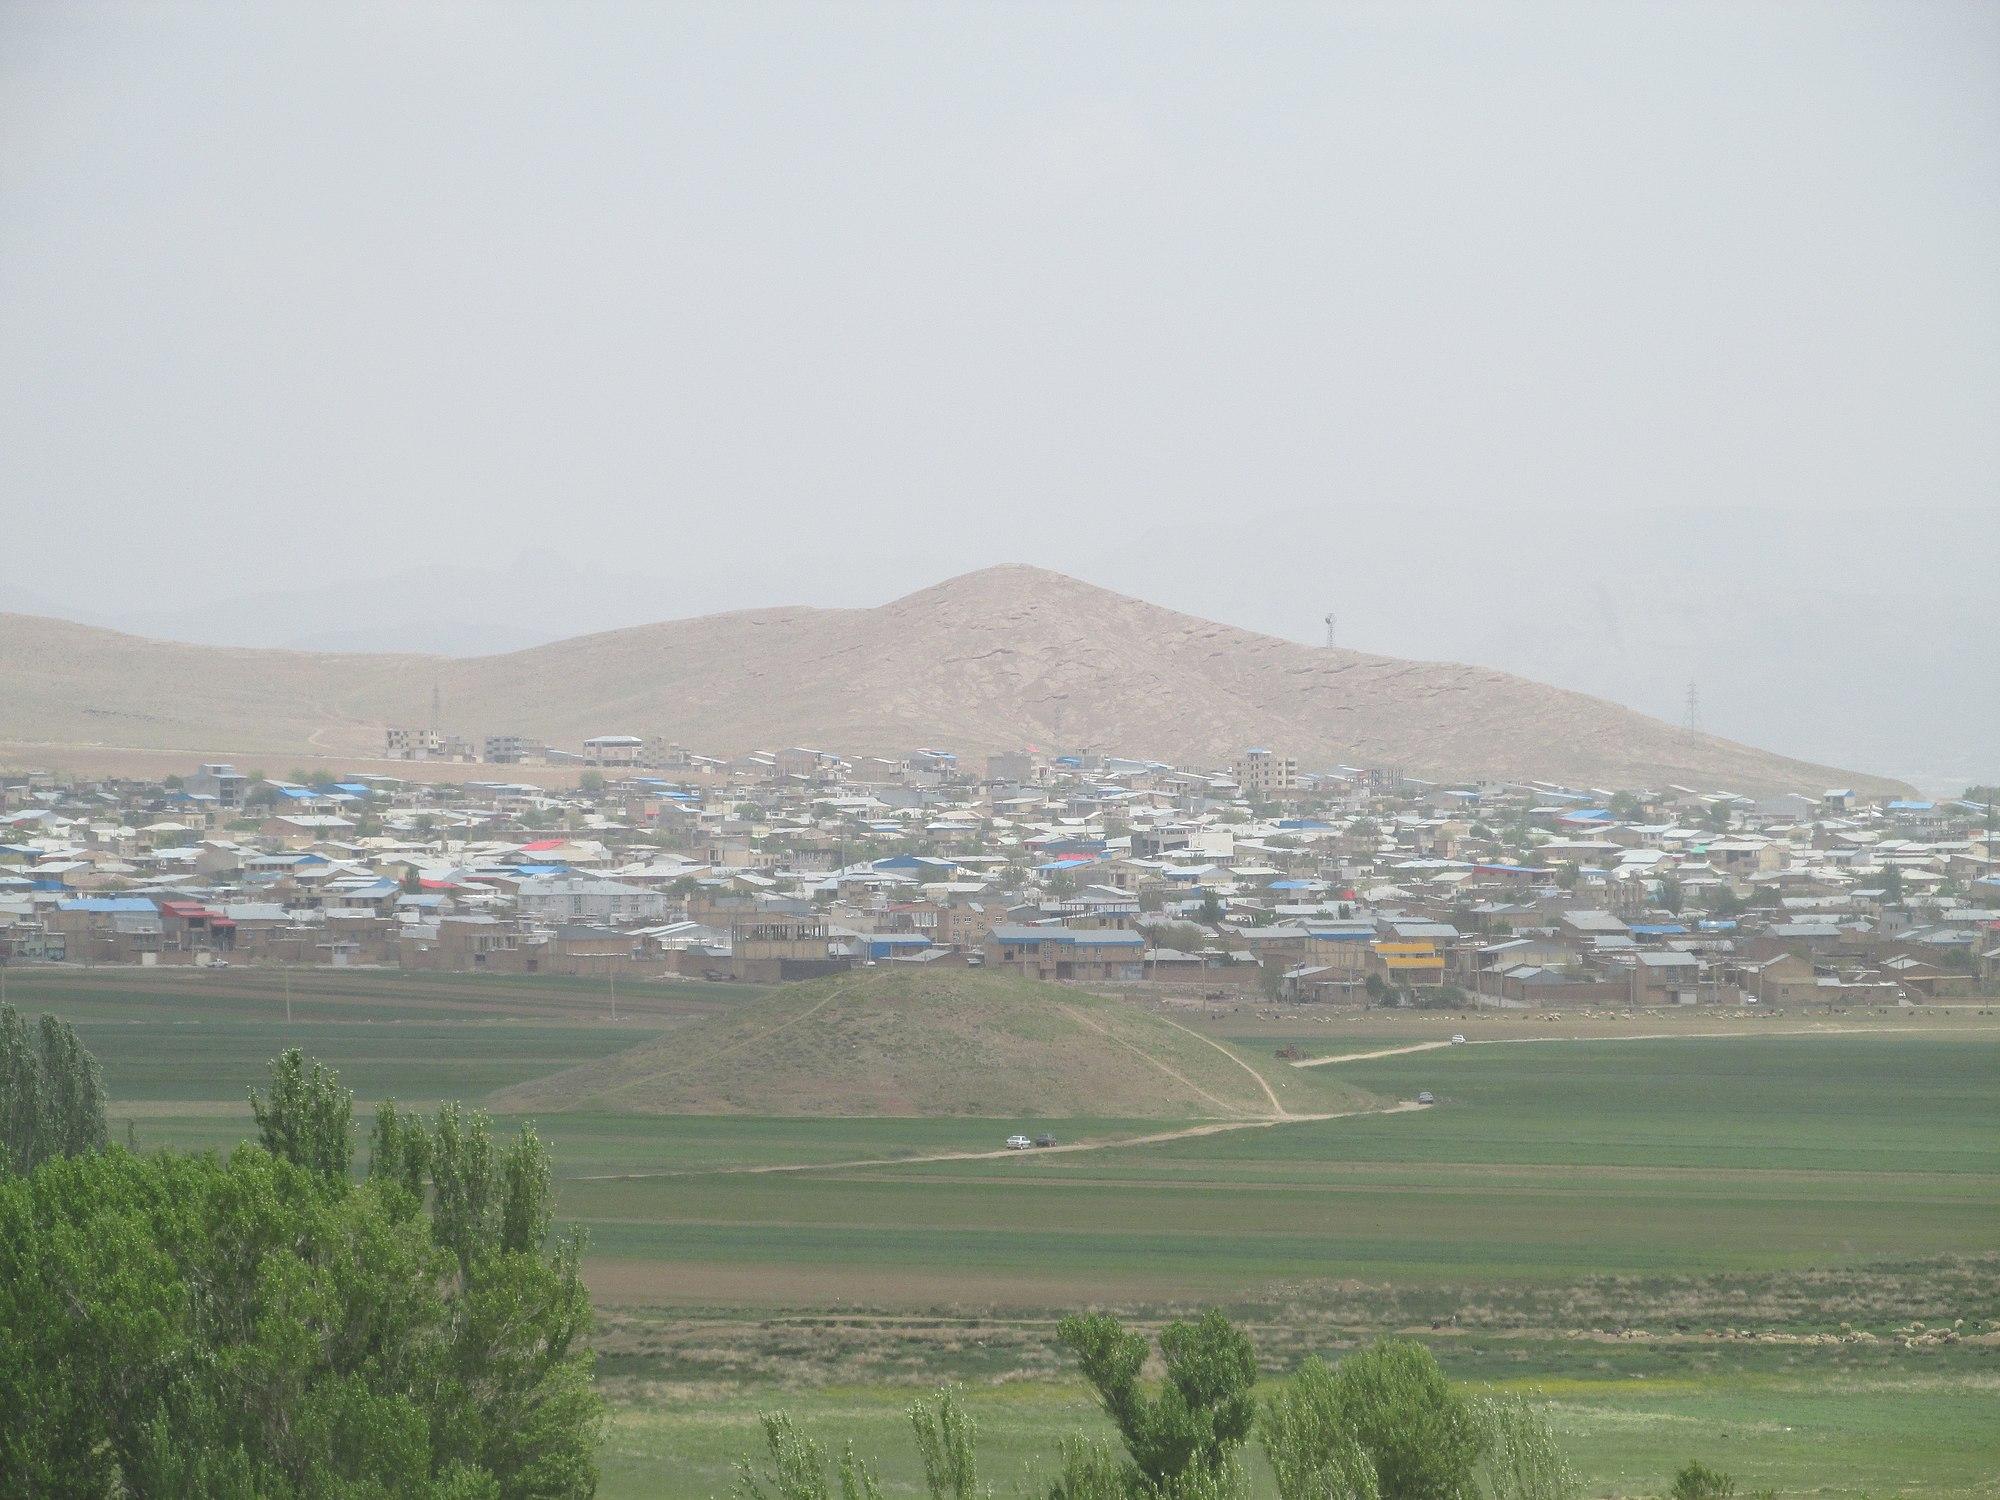 تپه اسکندری و تپههای اطراف آن